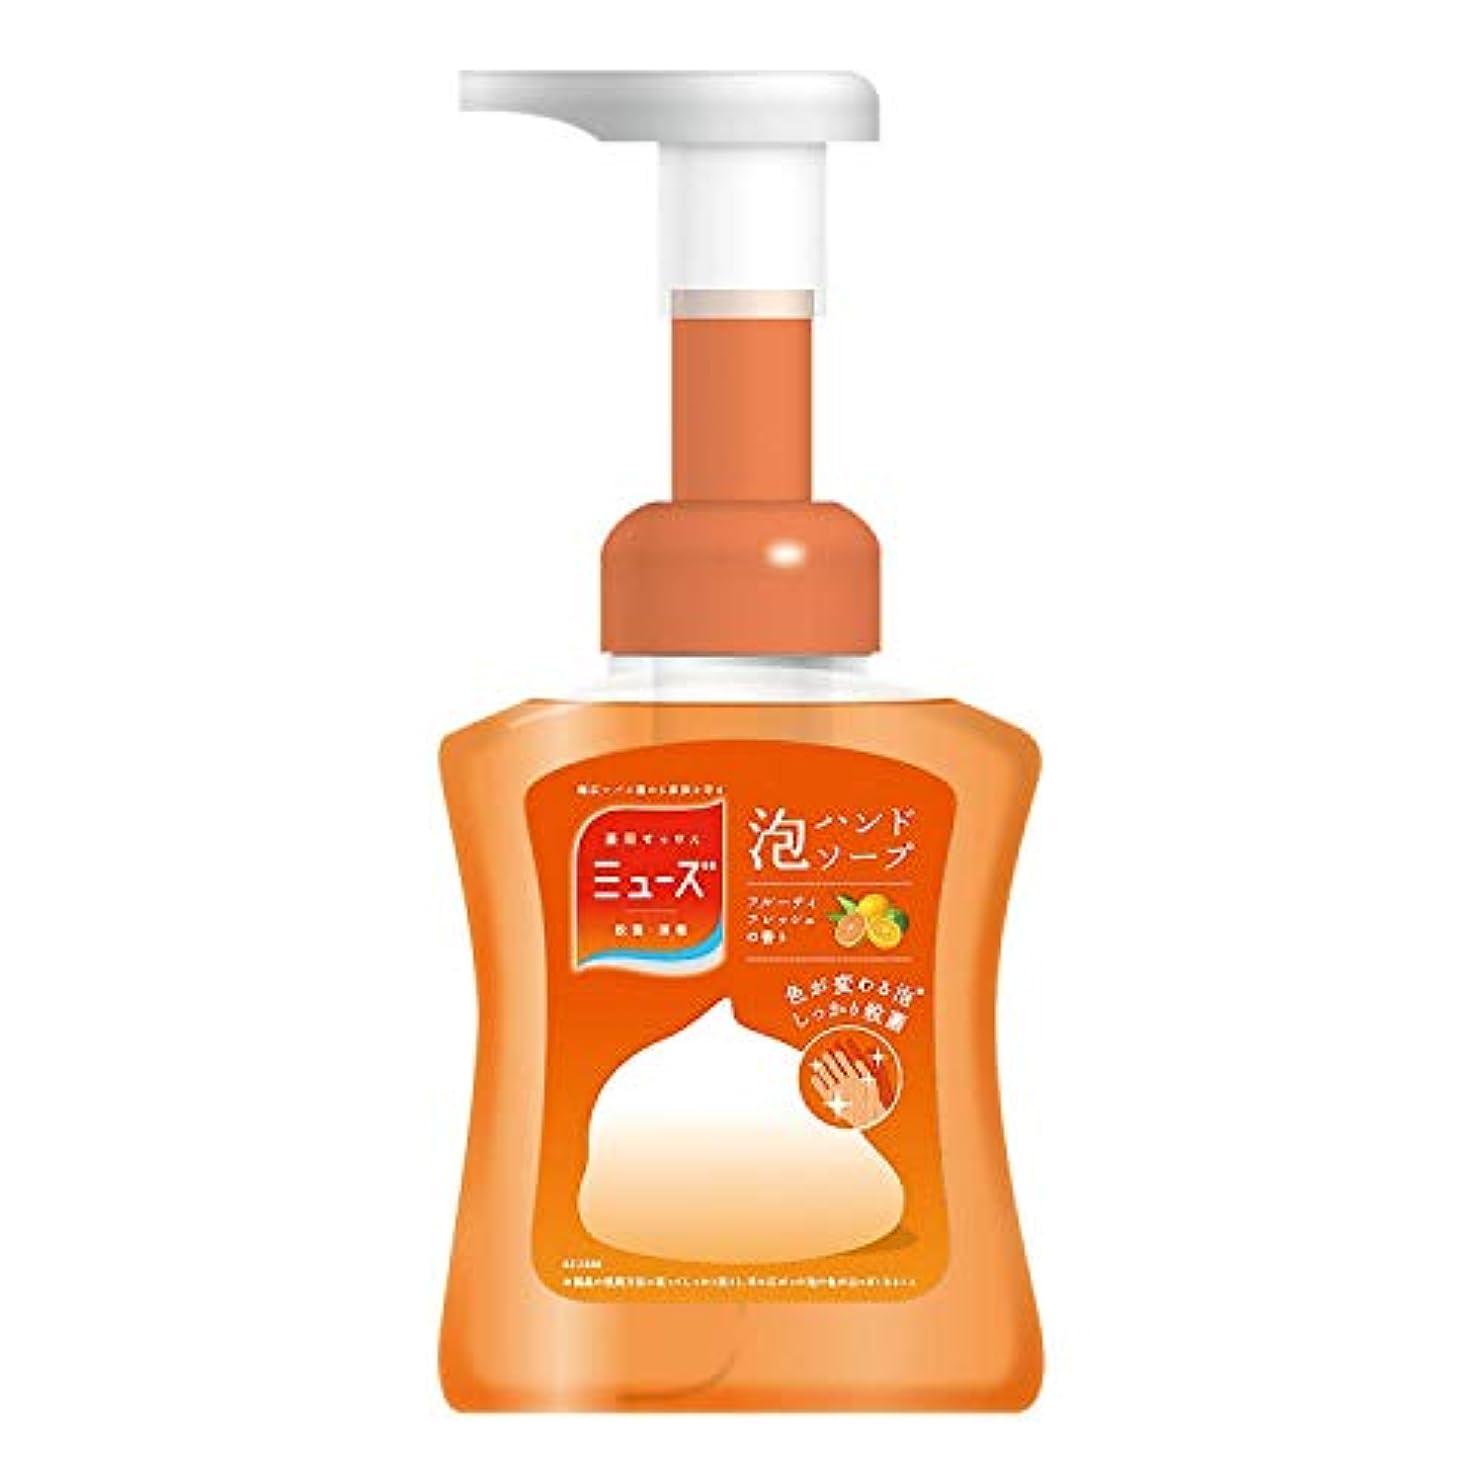 エイリアスブッシュ新しさ【医薬部外品】ミューズ 泡 ハンドソープ フルーティフレッシュの香り 色が変わる泡 本体ボトル 250ml 殺菌 消毒 手洗い 保湿成分配合